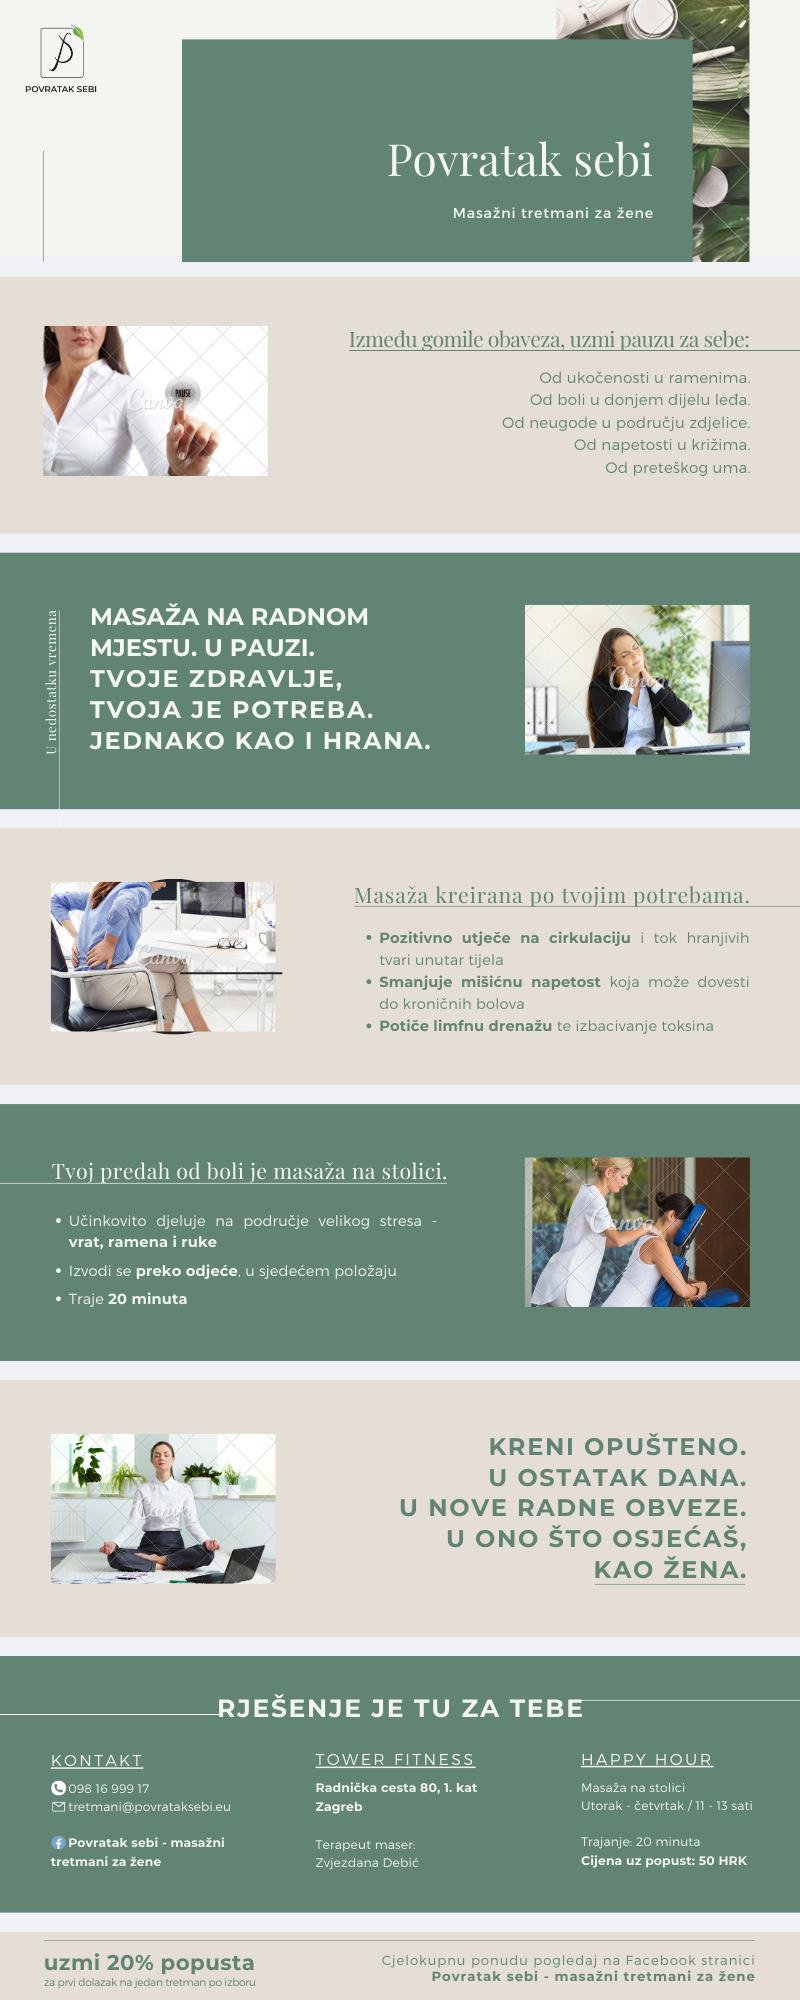 PovratakSebi_Privitak-za-mail